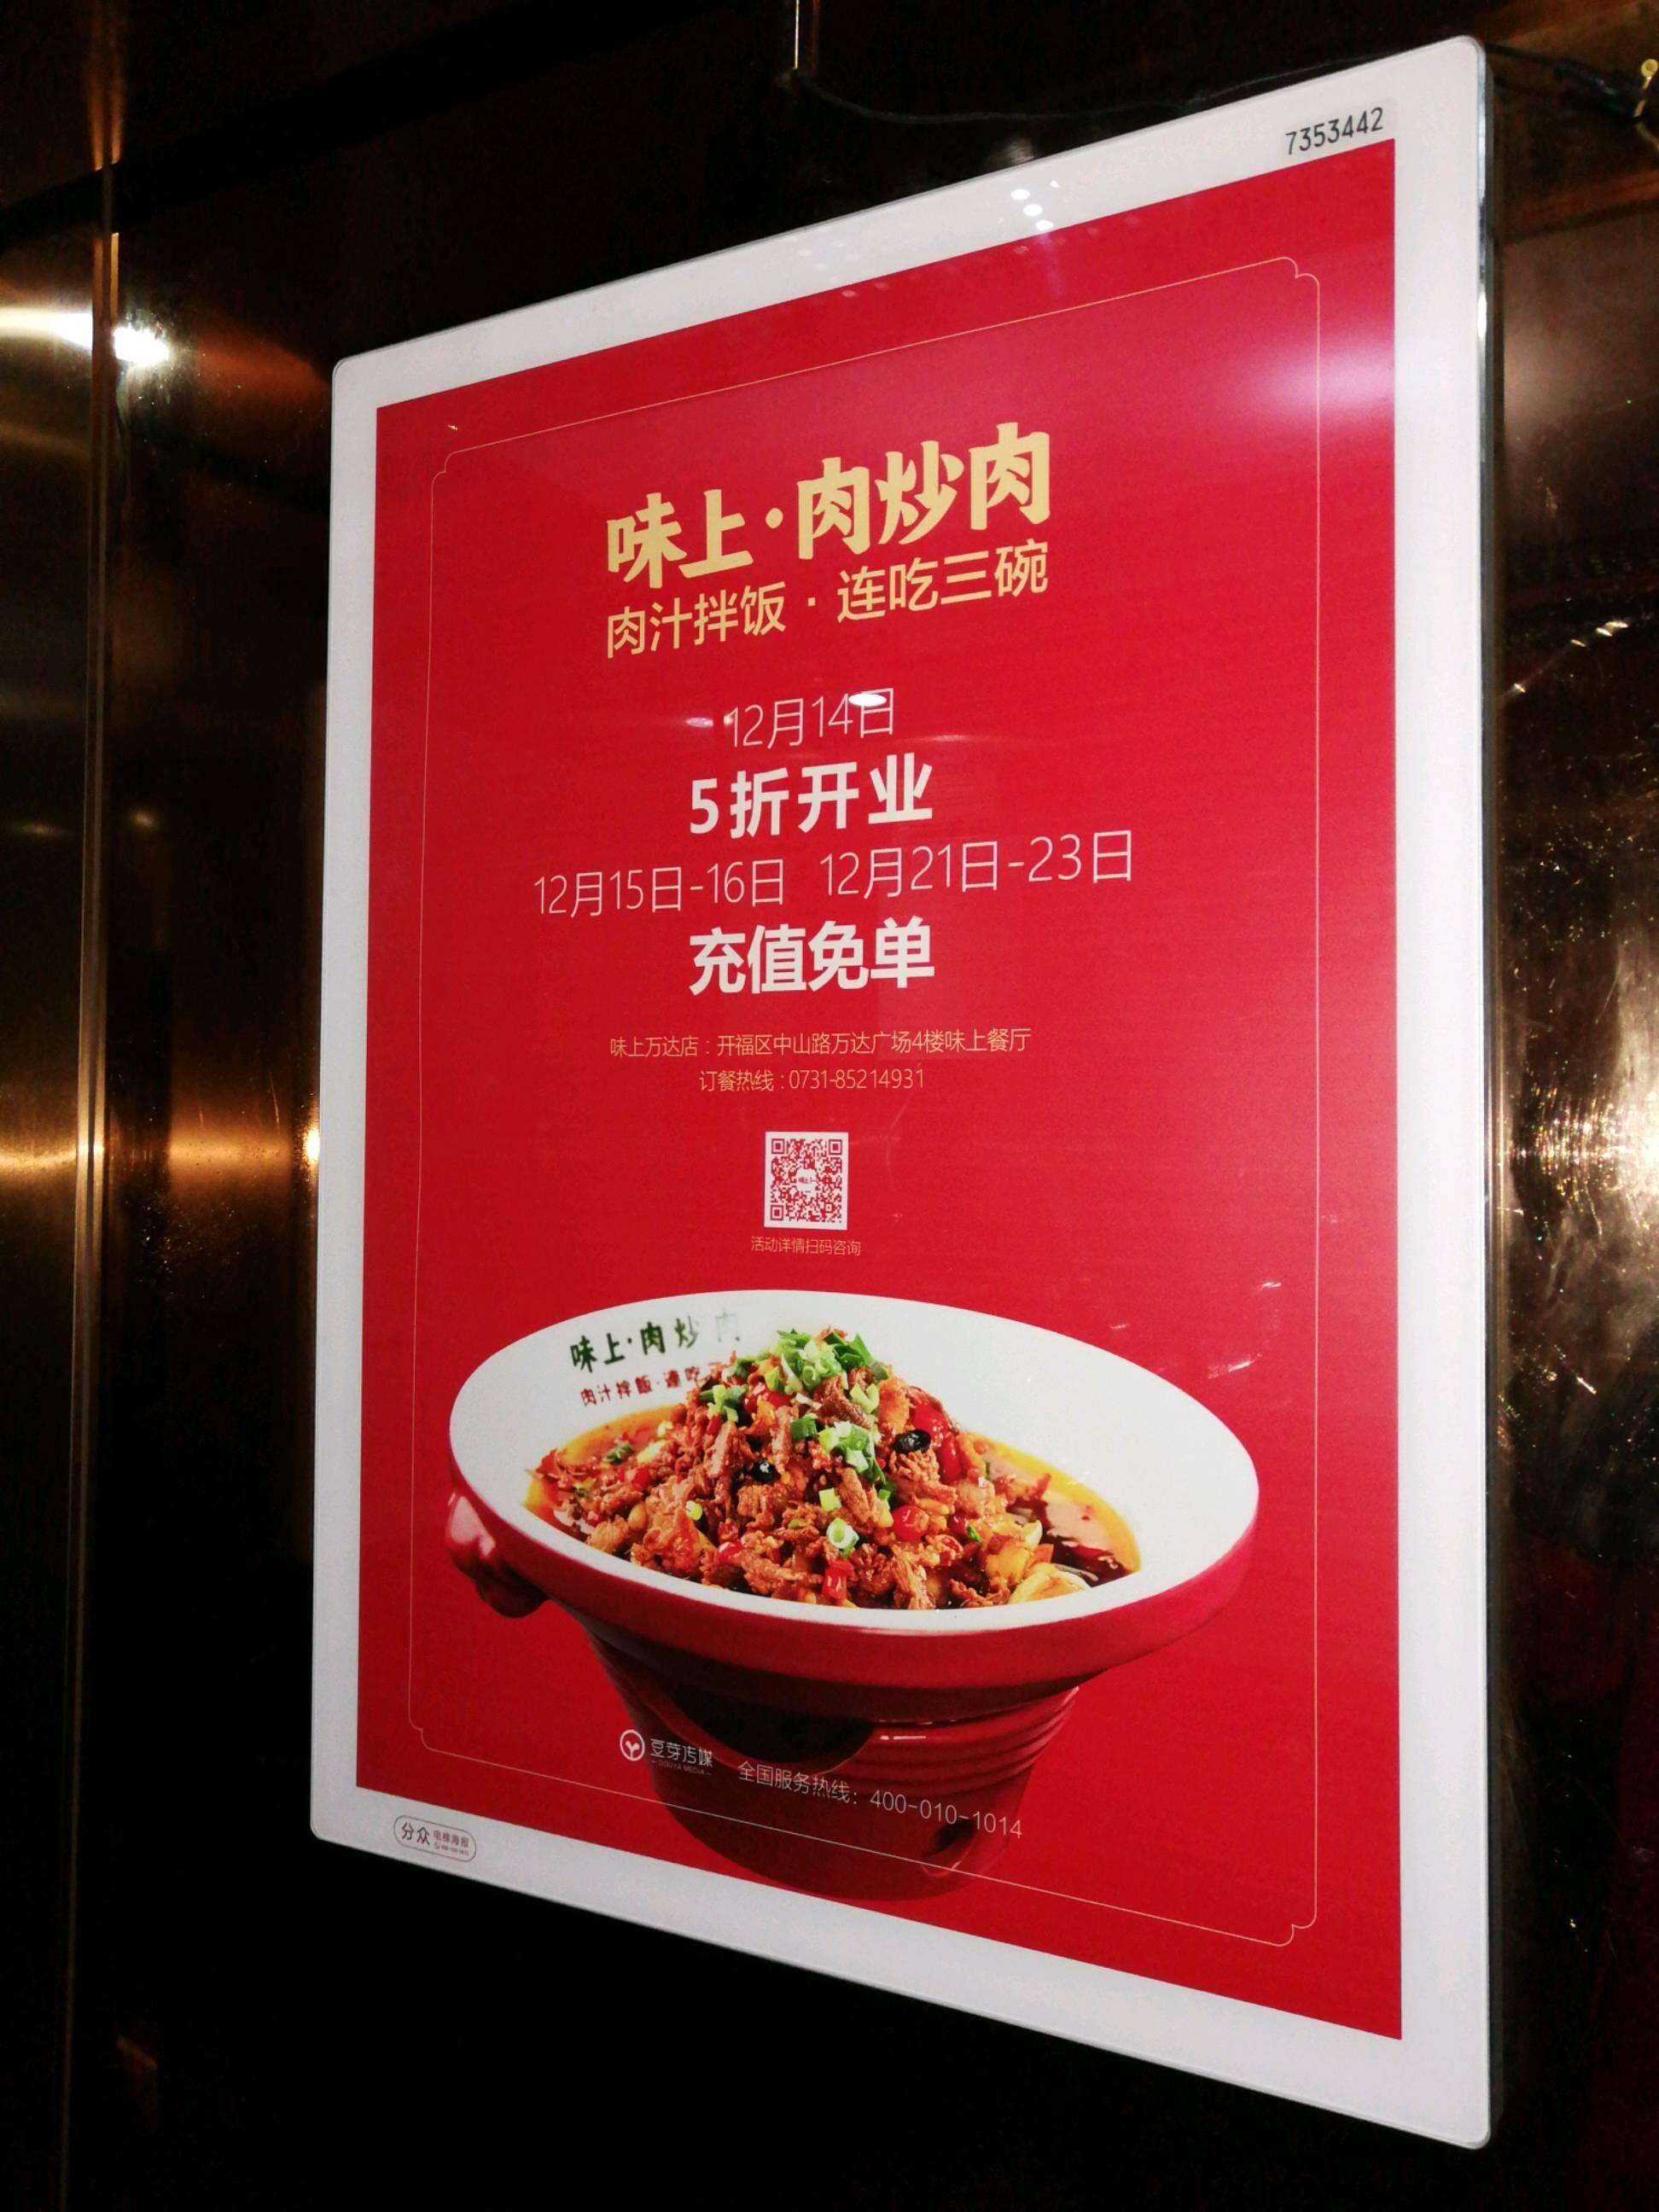 晋城电梯广告公司广告牌框架3.0投放(100框起投)